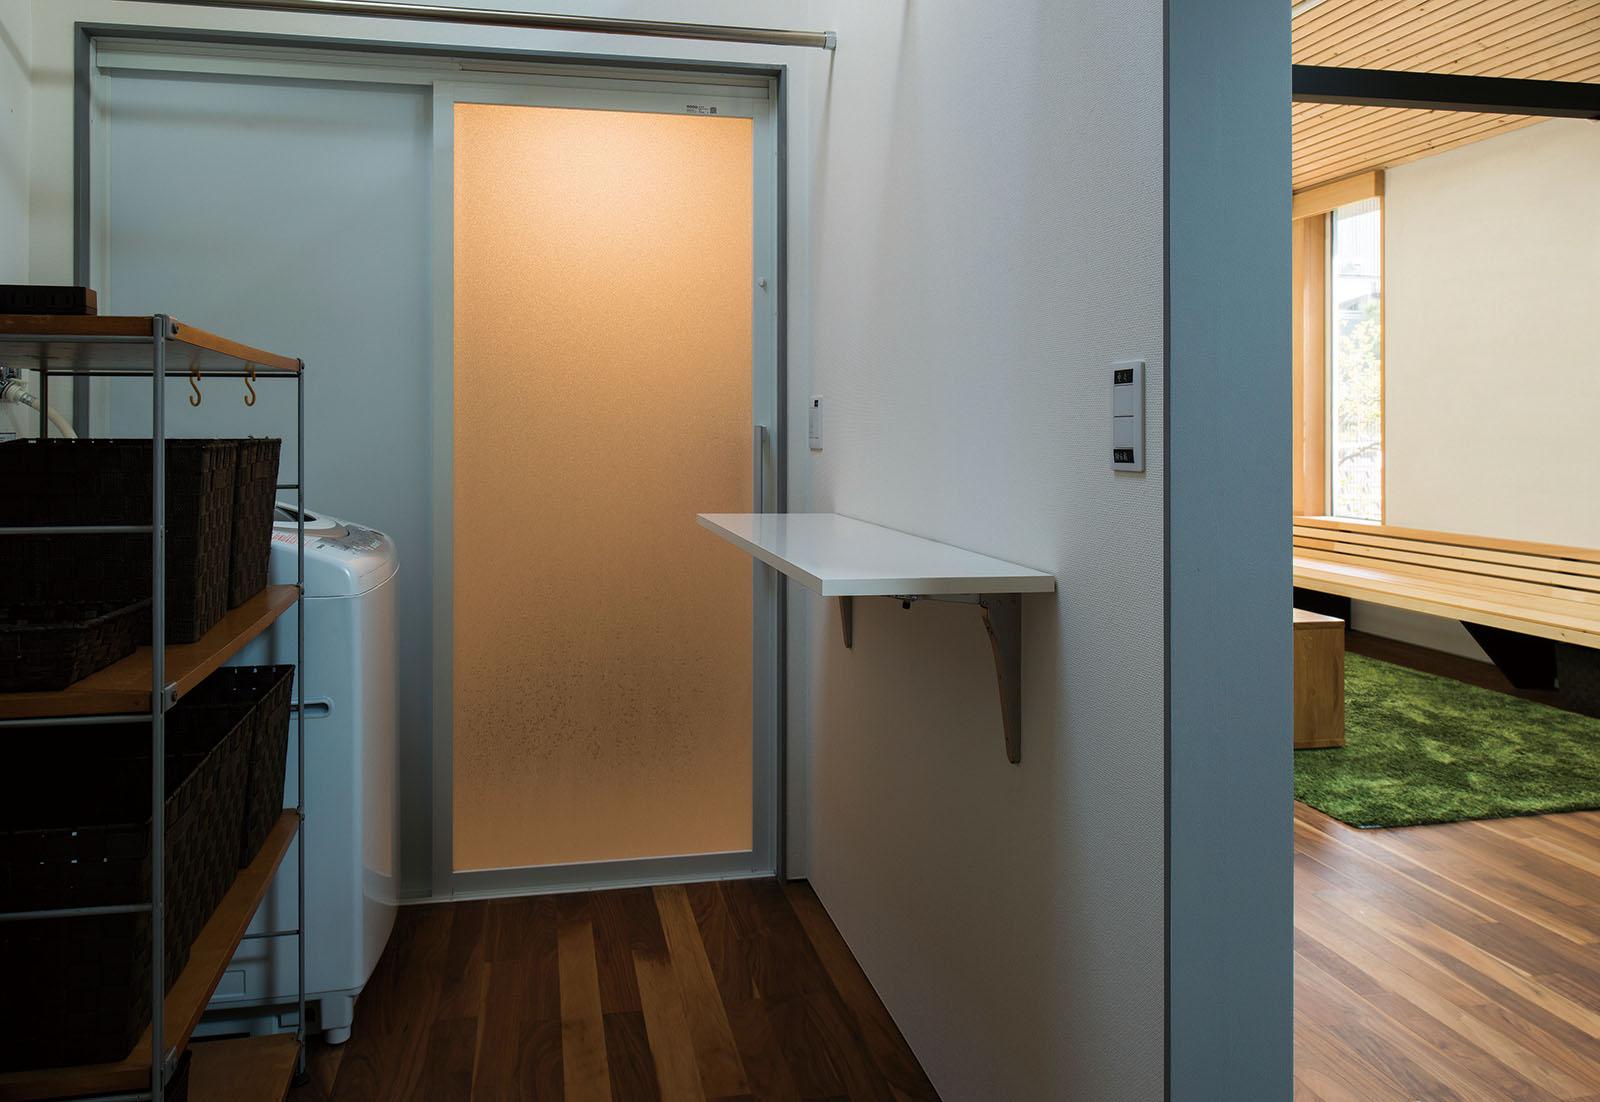 ユーティリティの壁には、限られた空間を有効活用でき、使い勝手が良いアイロン台を造作